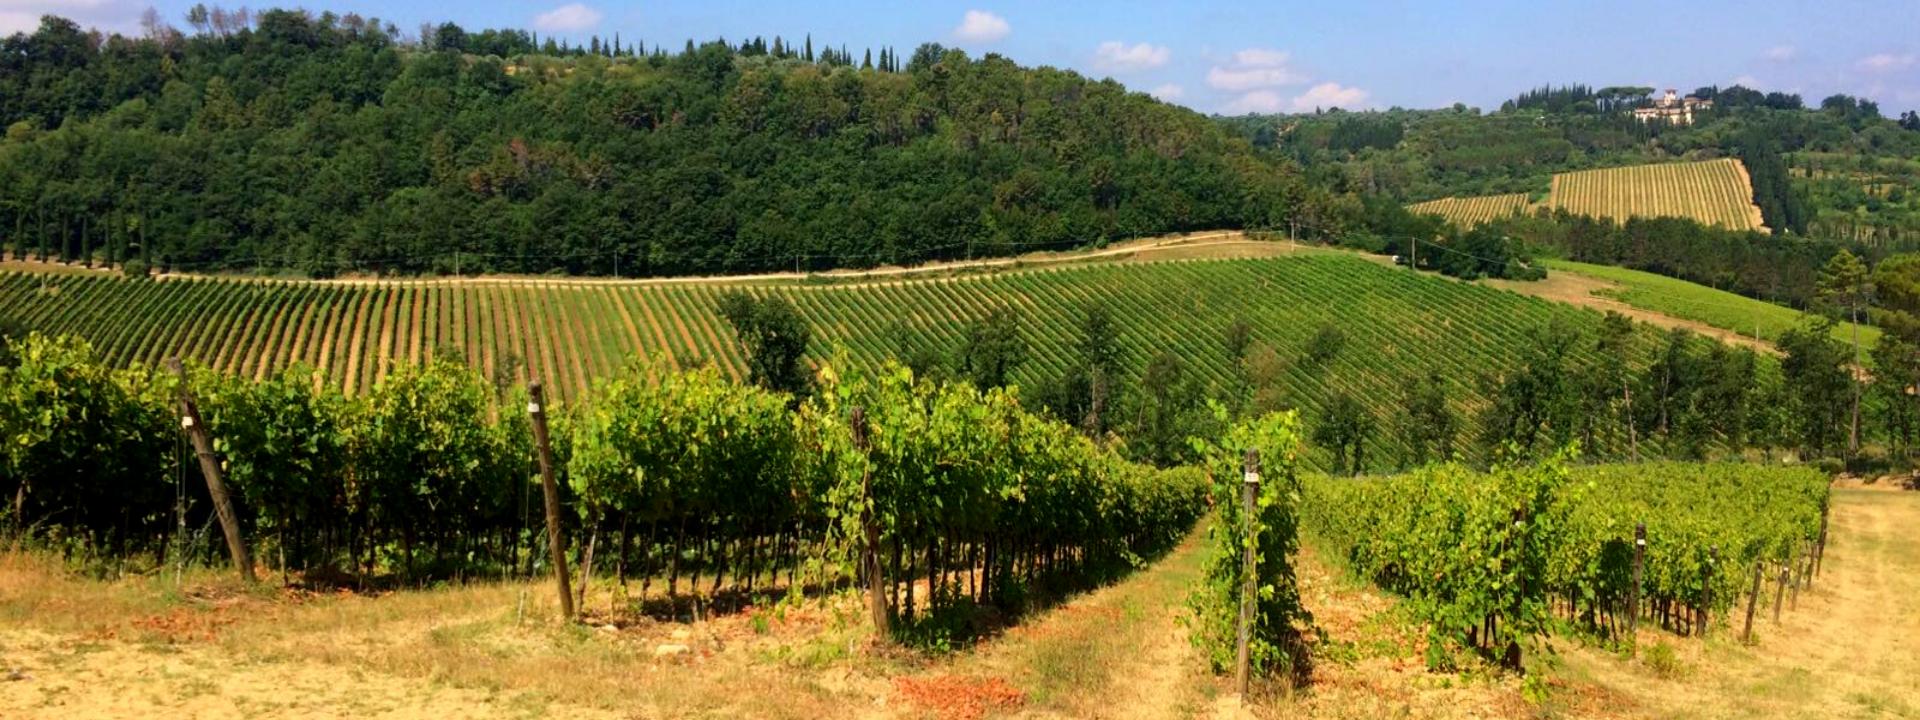 Progetto LIFE Green Grapes